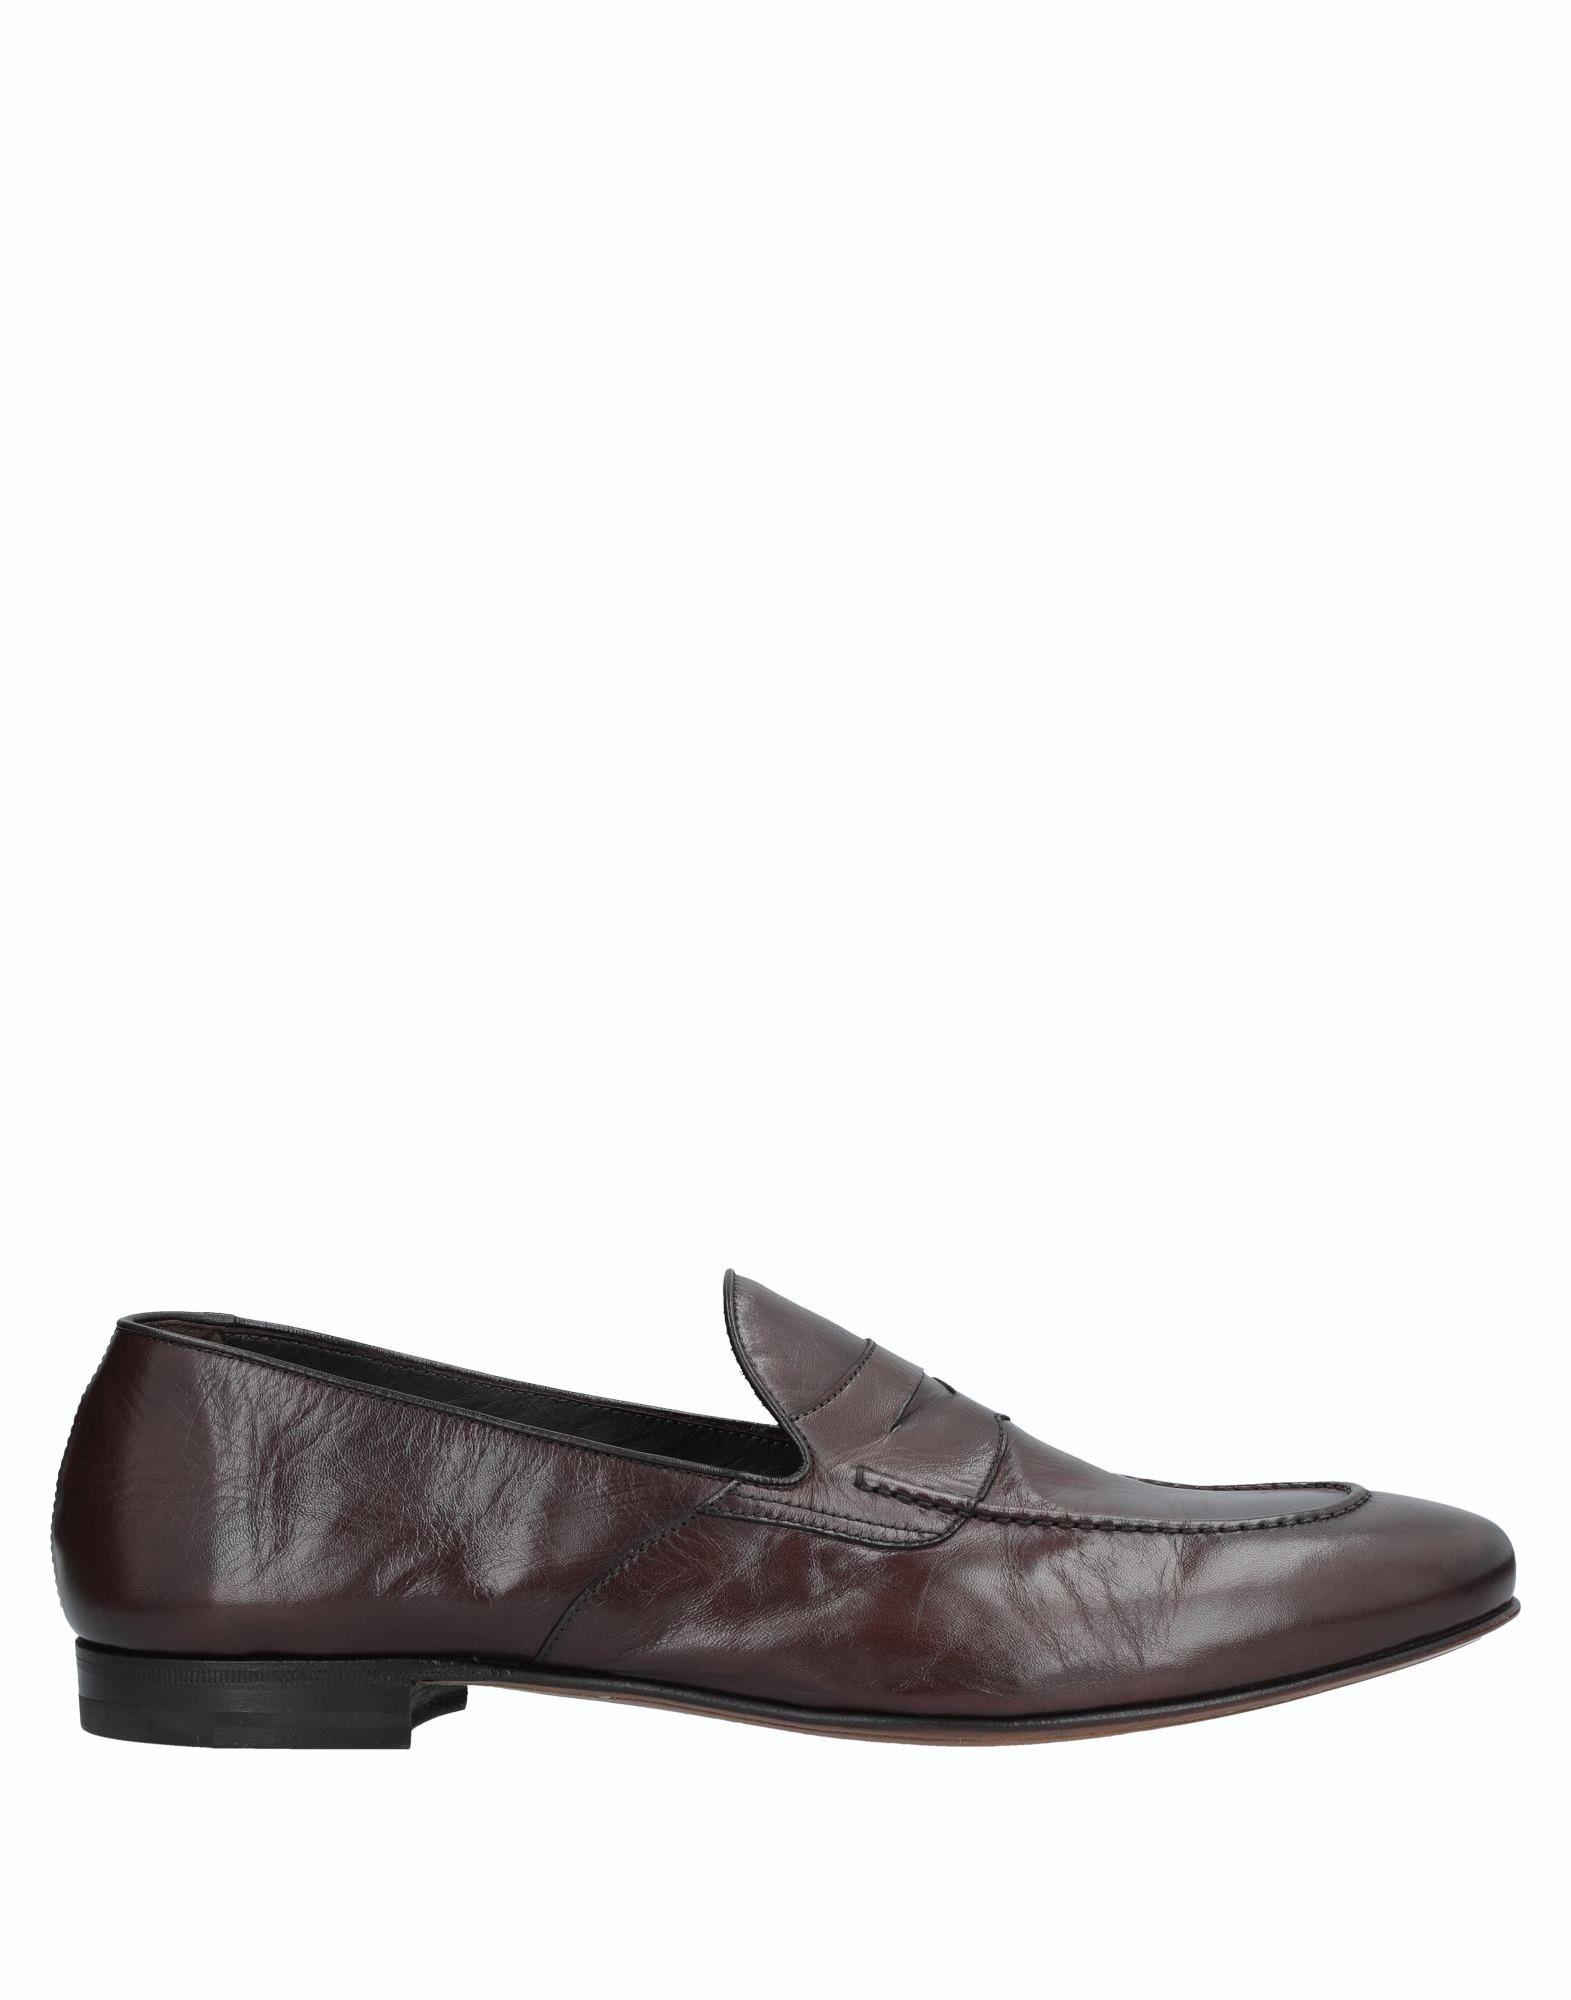 Henderson Mokassins Herren  Schuhe 11538107XL Gute Qualität beliebte Schuhe  a2e868